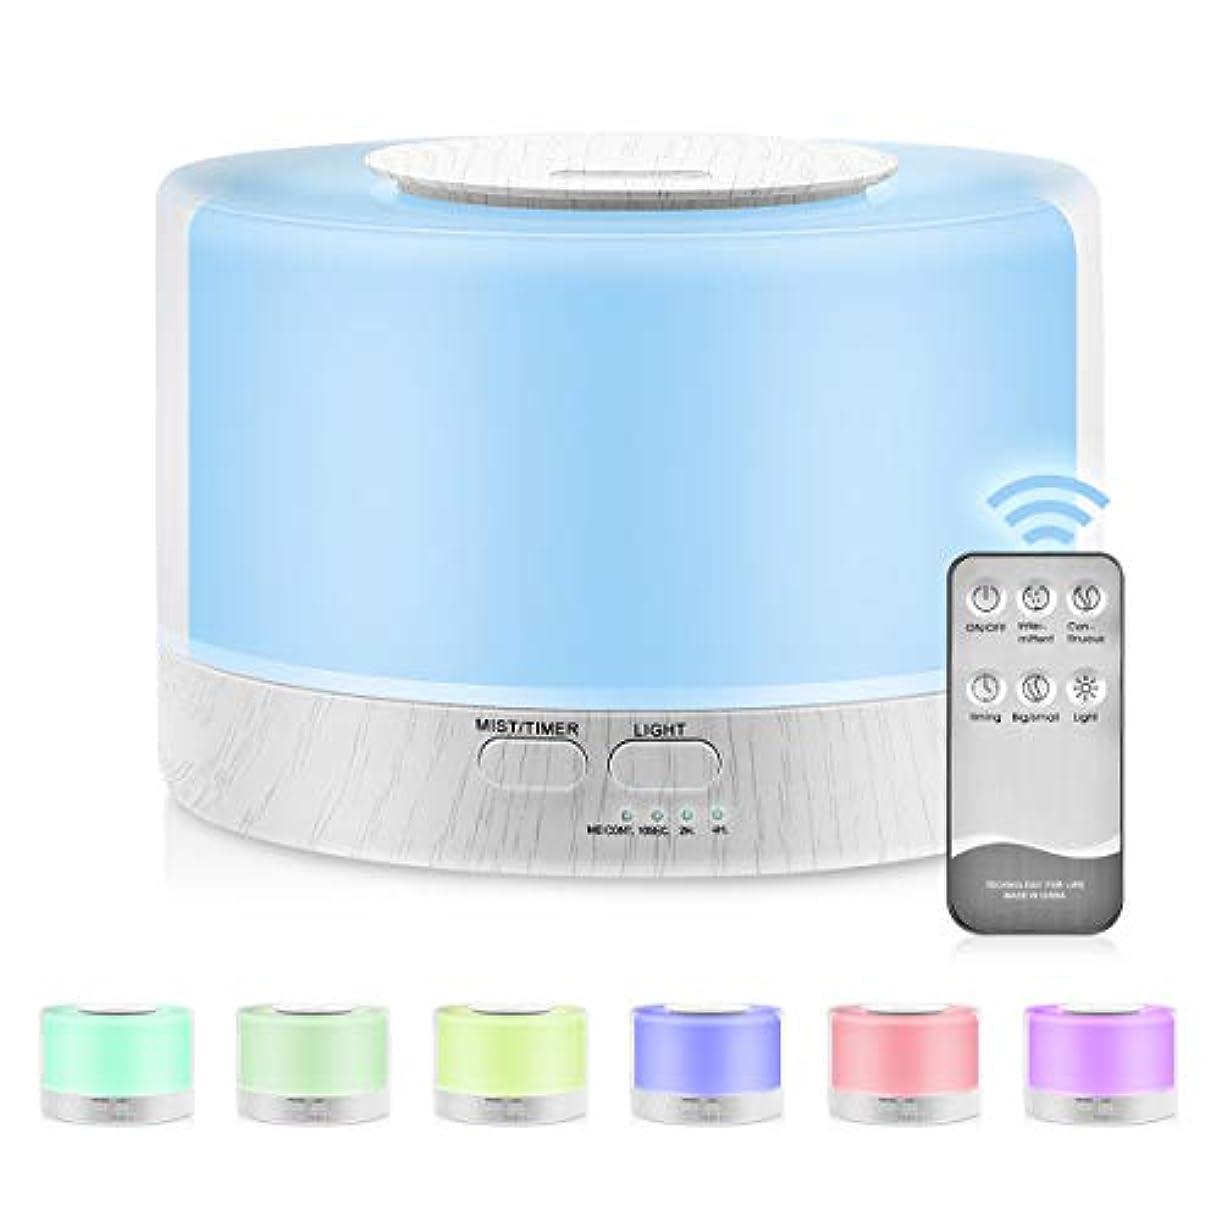 職業レディ材料700mlプレミアムエッセンシャルオイルディフューザー5 in 1超音波アロマセラピーフレグランスオイル気化器加湿器タイマーおよび自動オフ安全スイッチ,UKplug